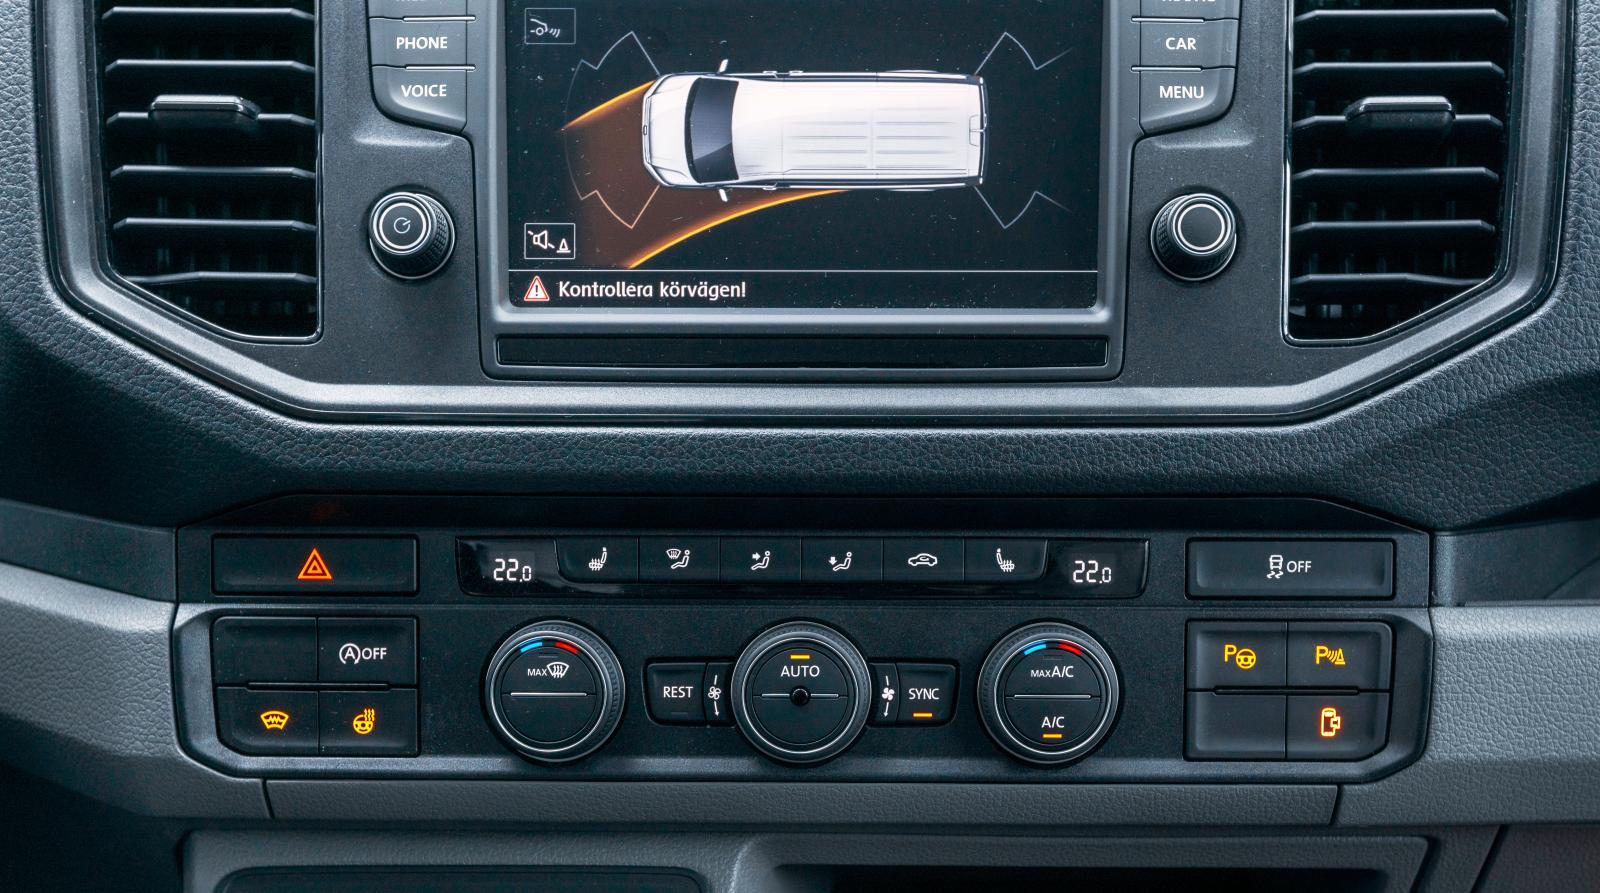 Utrustning som i en välutrustad modern säker personbil.